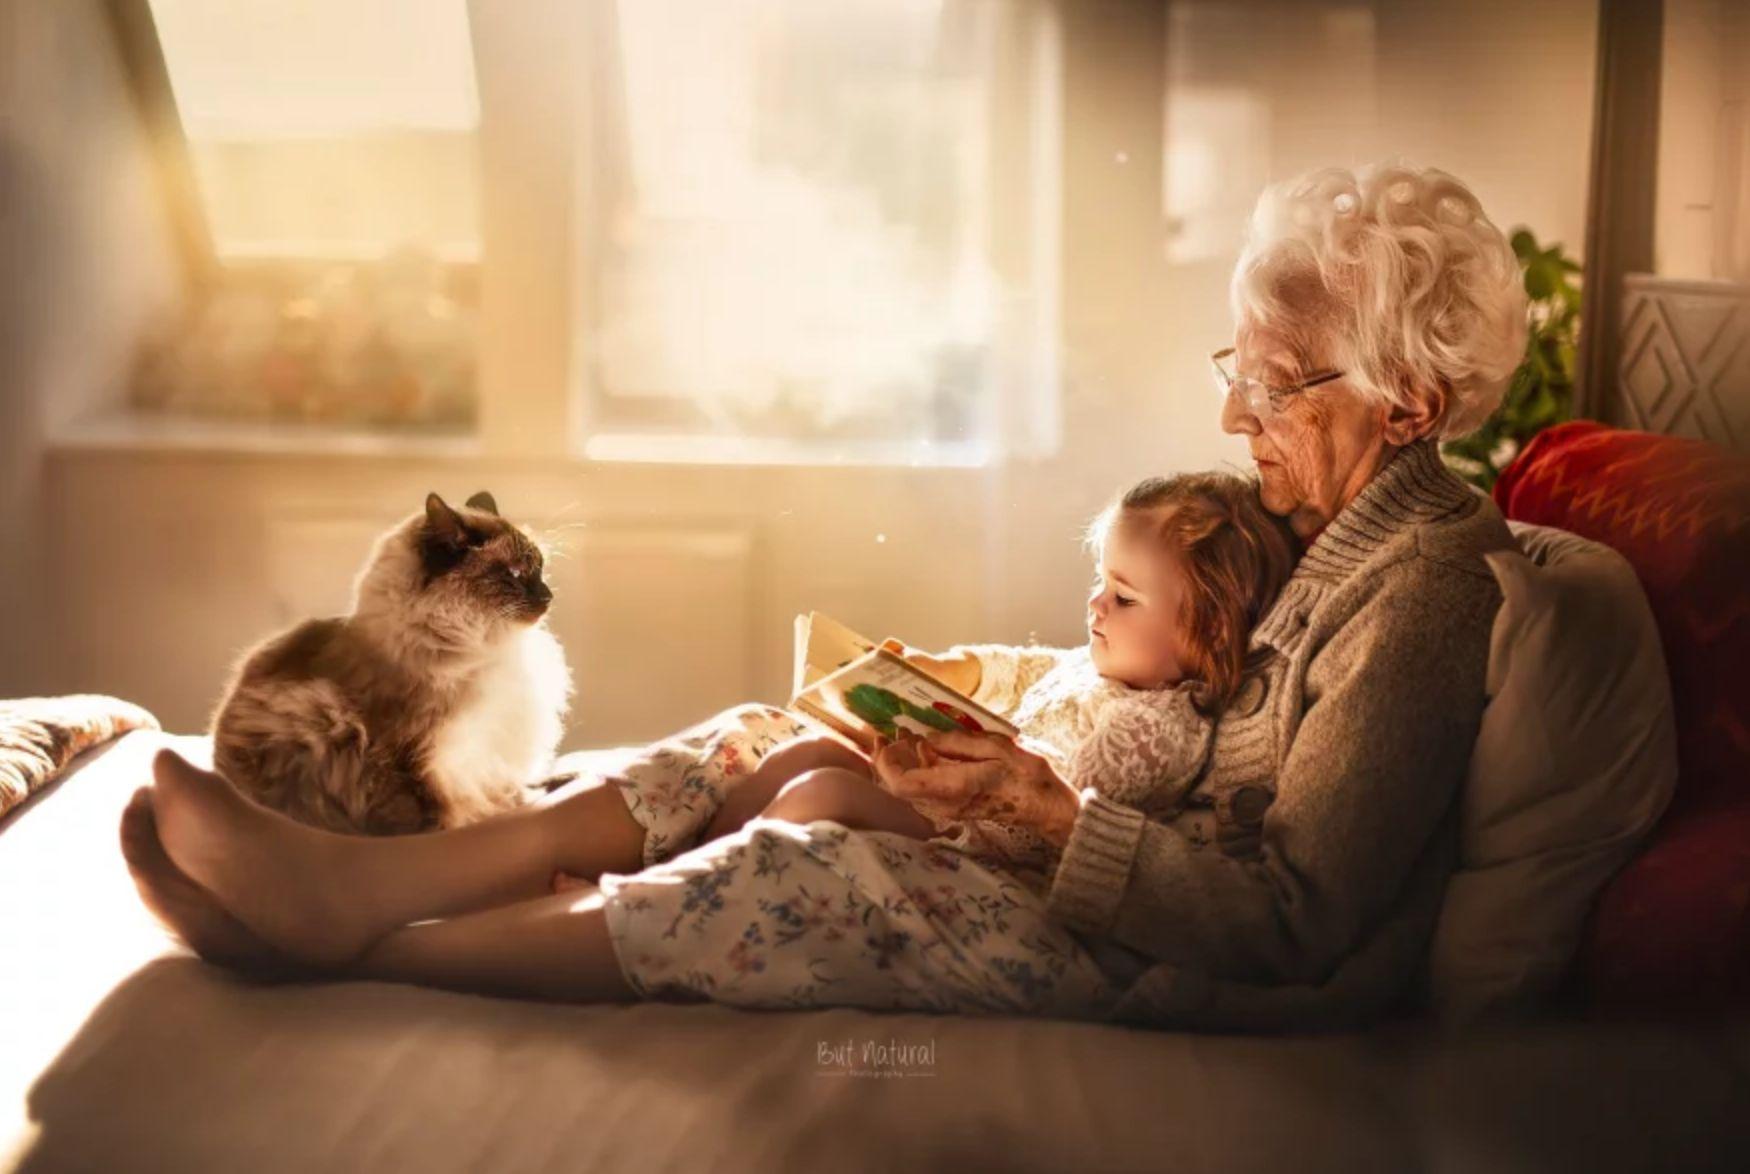 Uma avó e sua netinha leem um bom livro, sentadas em um lugar